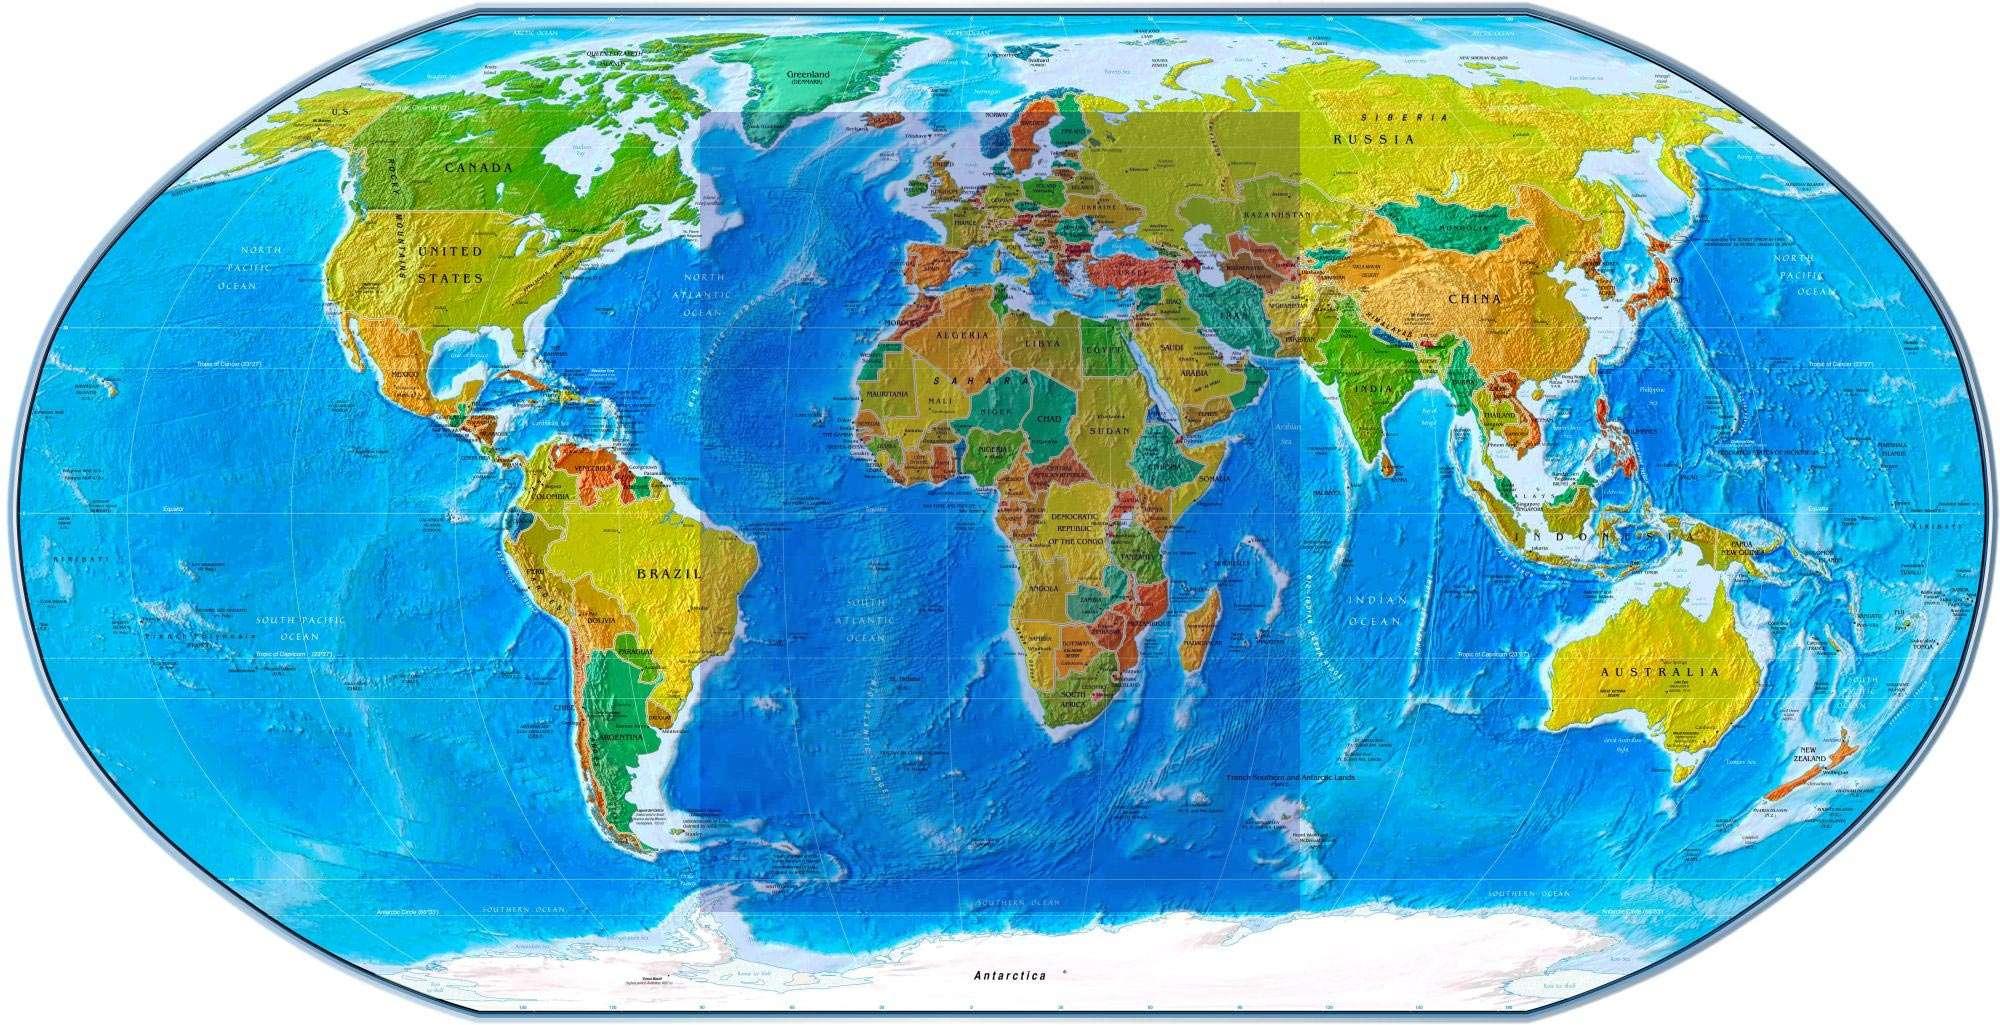 نقشه جهان , نقشه جهان فارسی با کیفیت , نقشه جهان به فارسی , دانلود نقشه جهان , دانلود نقشه جهان برای اندروید و کامپیوتر